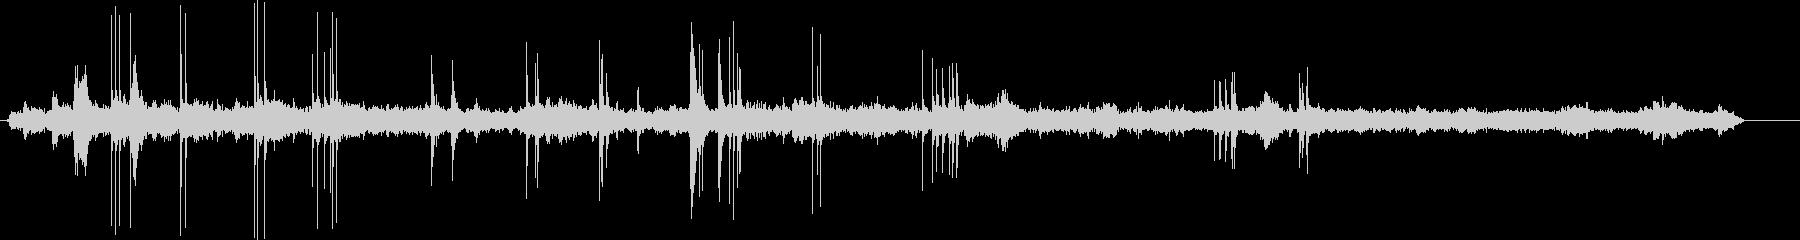 郵便局チリ郵便局-音声書き込み機の未再生の波形